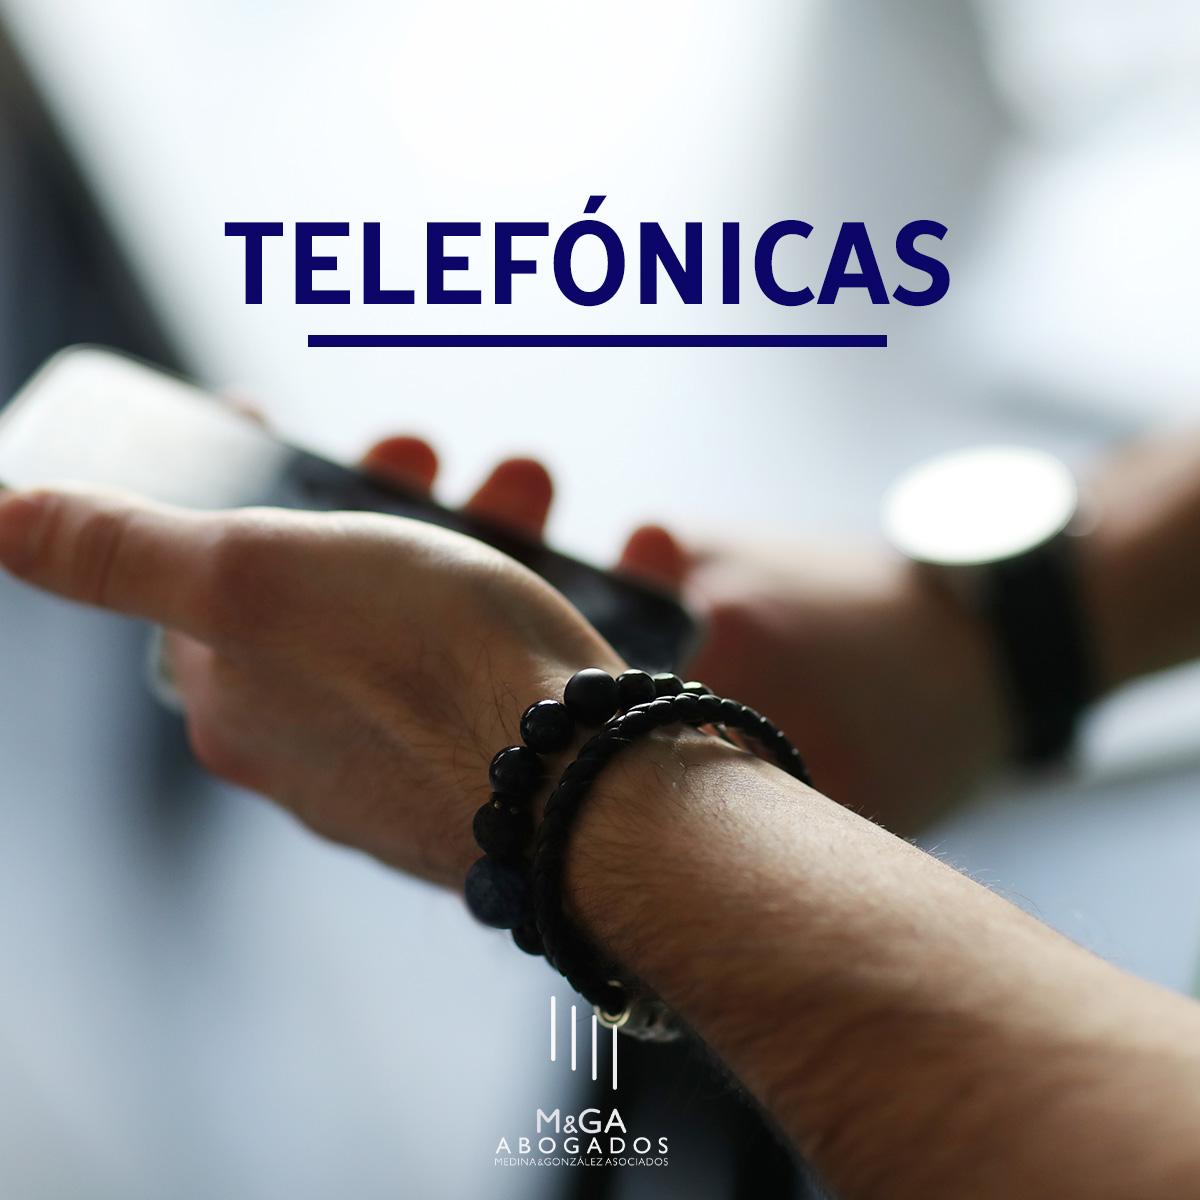 Las compañías telefónicas tendrán que entregar previamente y por escrito sus condiciones a los usuarios que las soliciten